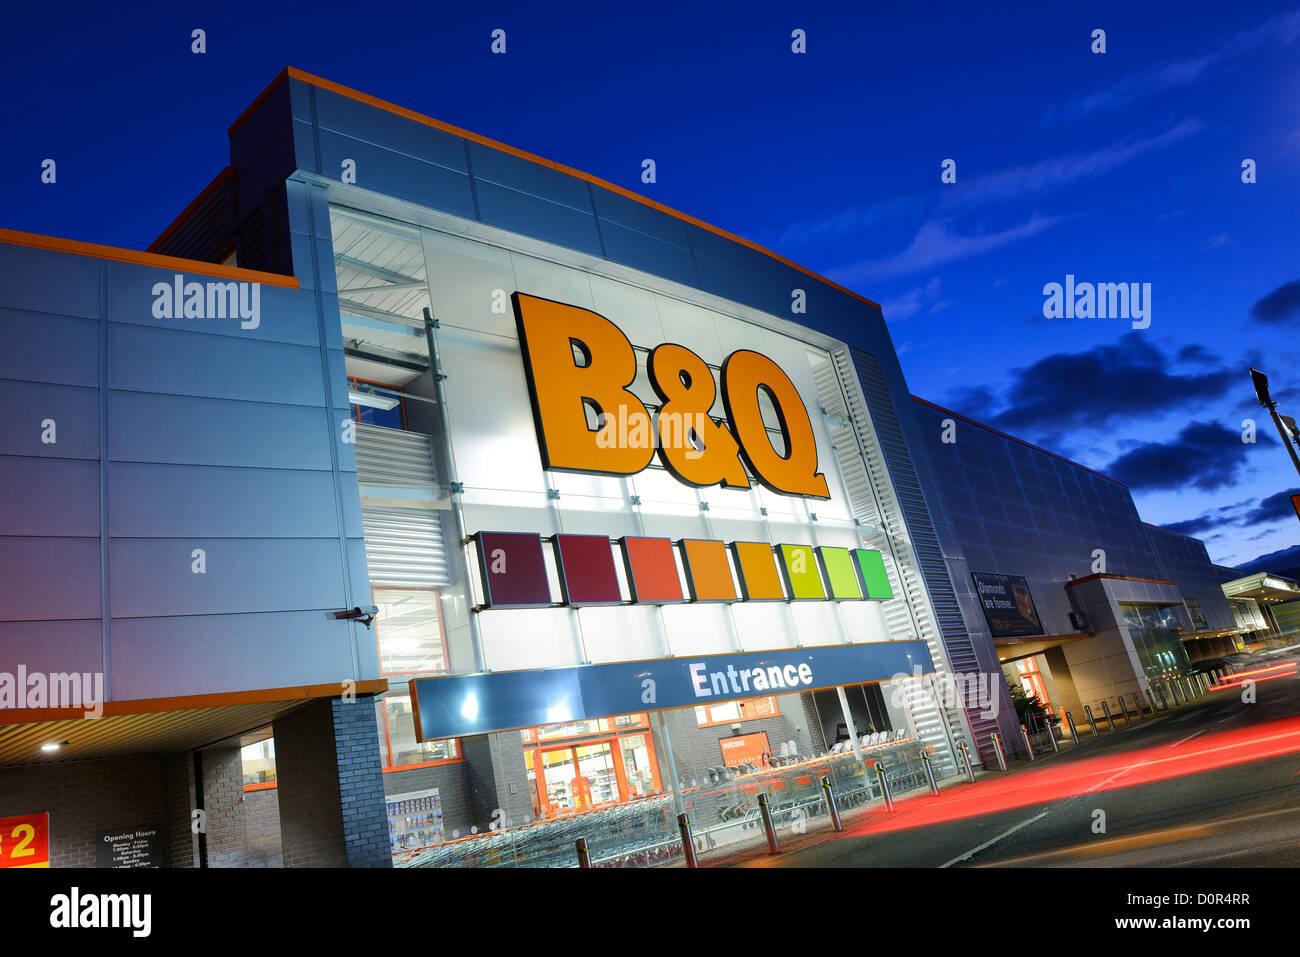 B & Q panneau d'entrée de l'entrepôt Photo Stock